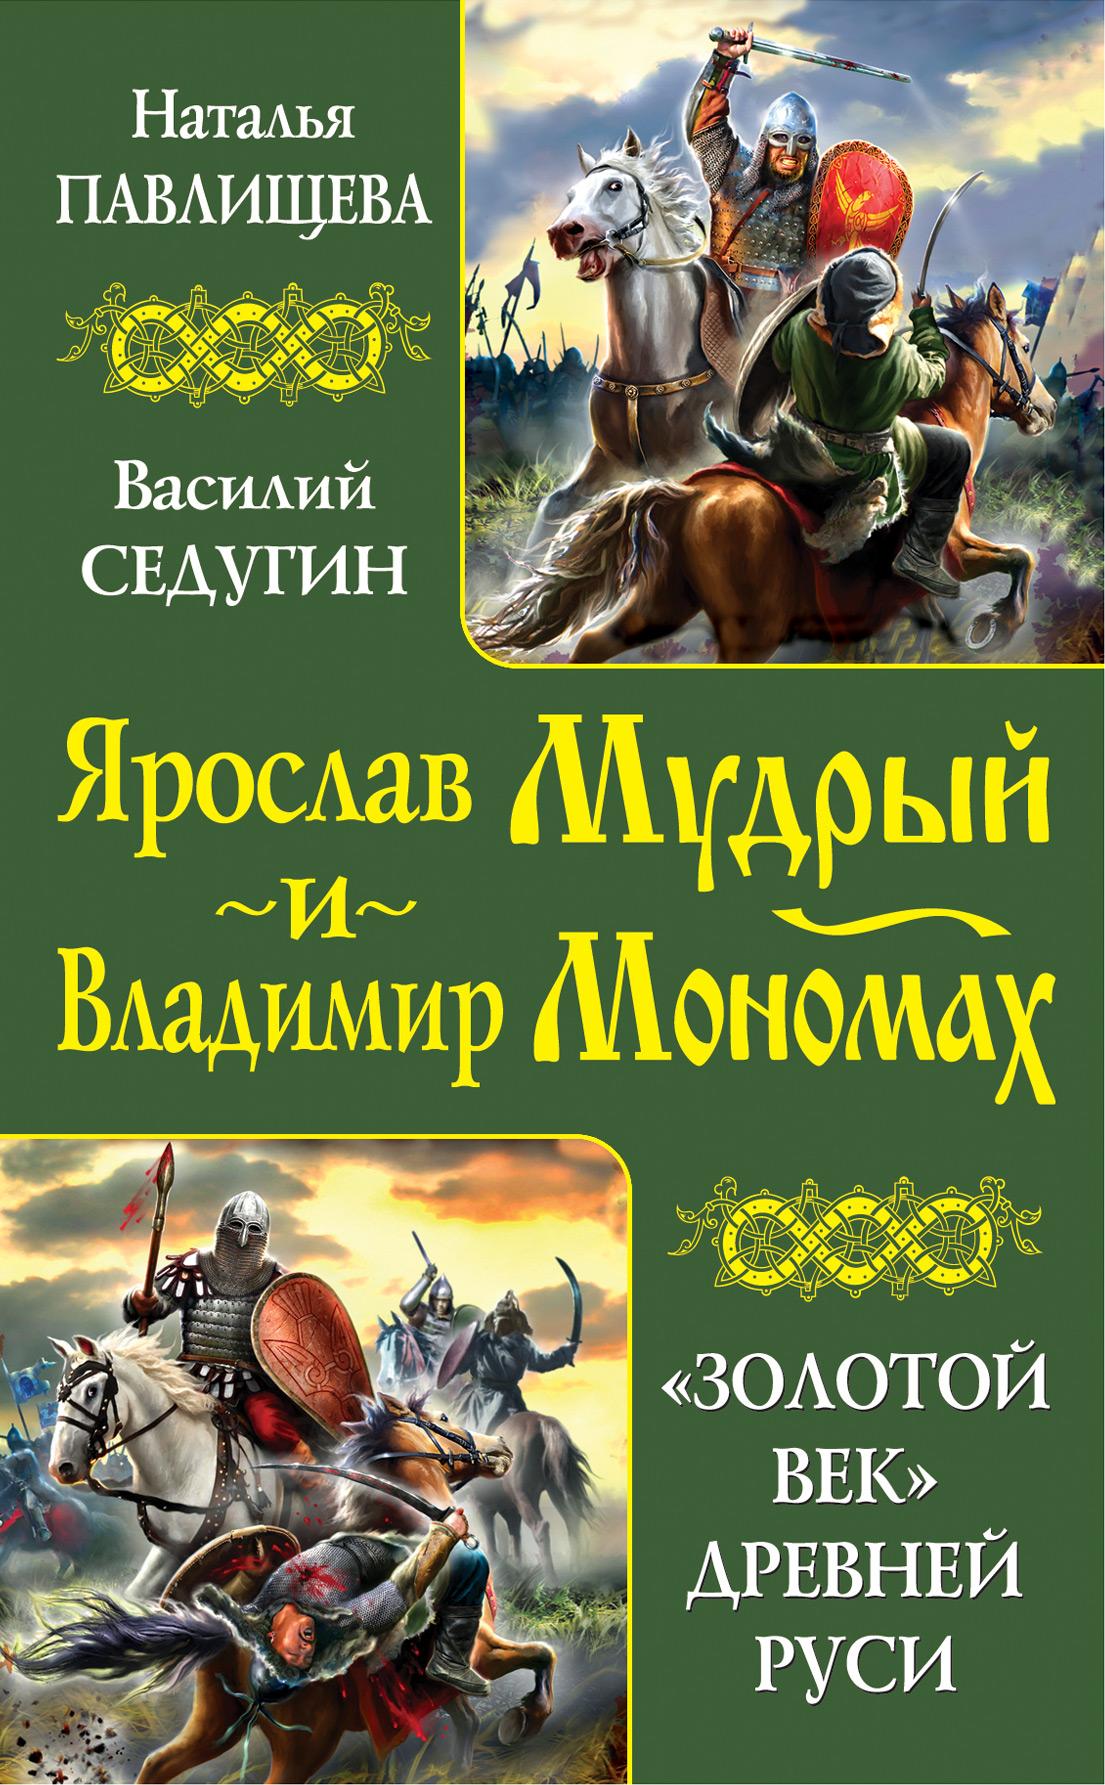 Ярослав Мудрый и Владимир Мономах. «Золотой век» Древней Руси (сборник)